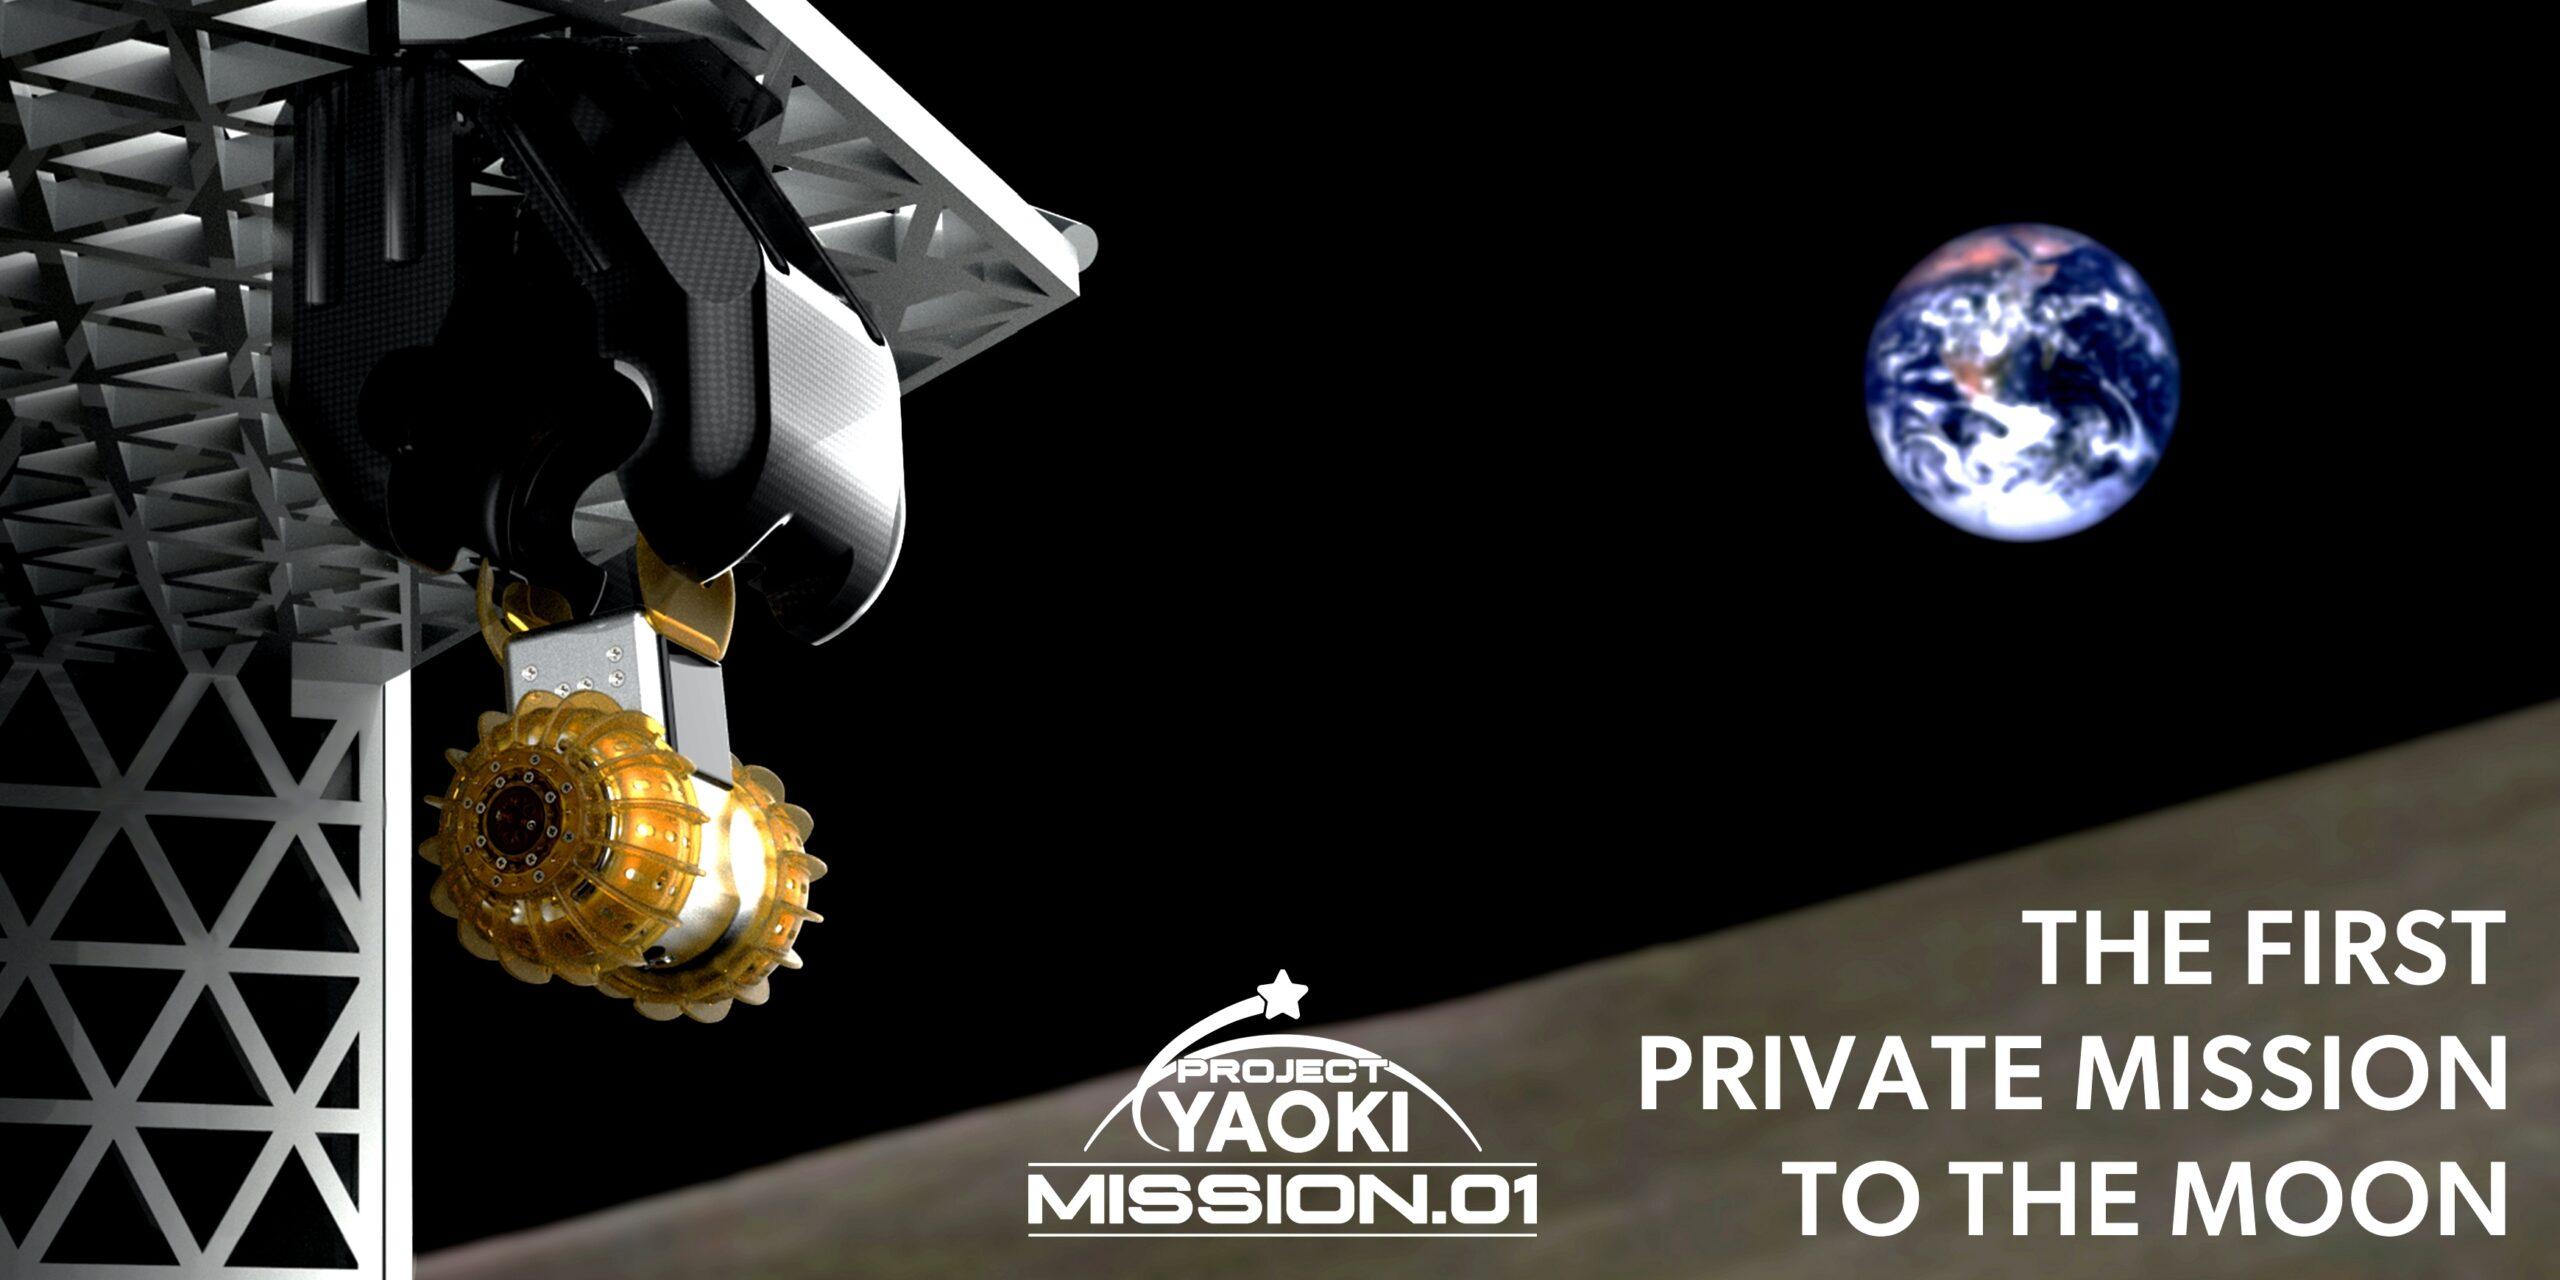 民間世界初の月面探査ミッション「Project YAOKI」